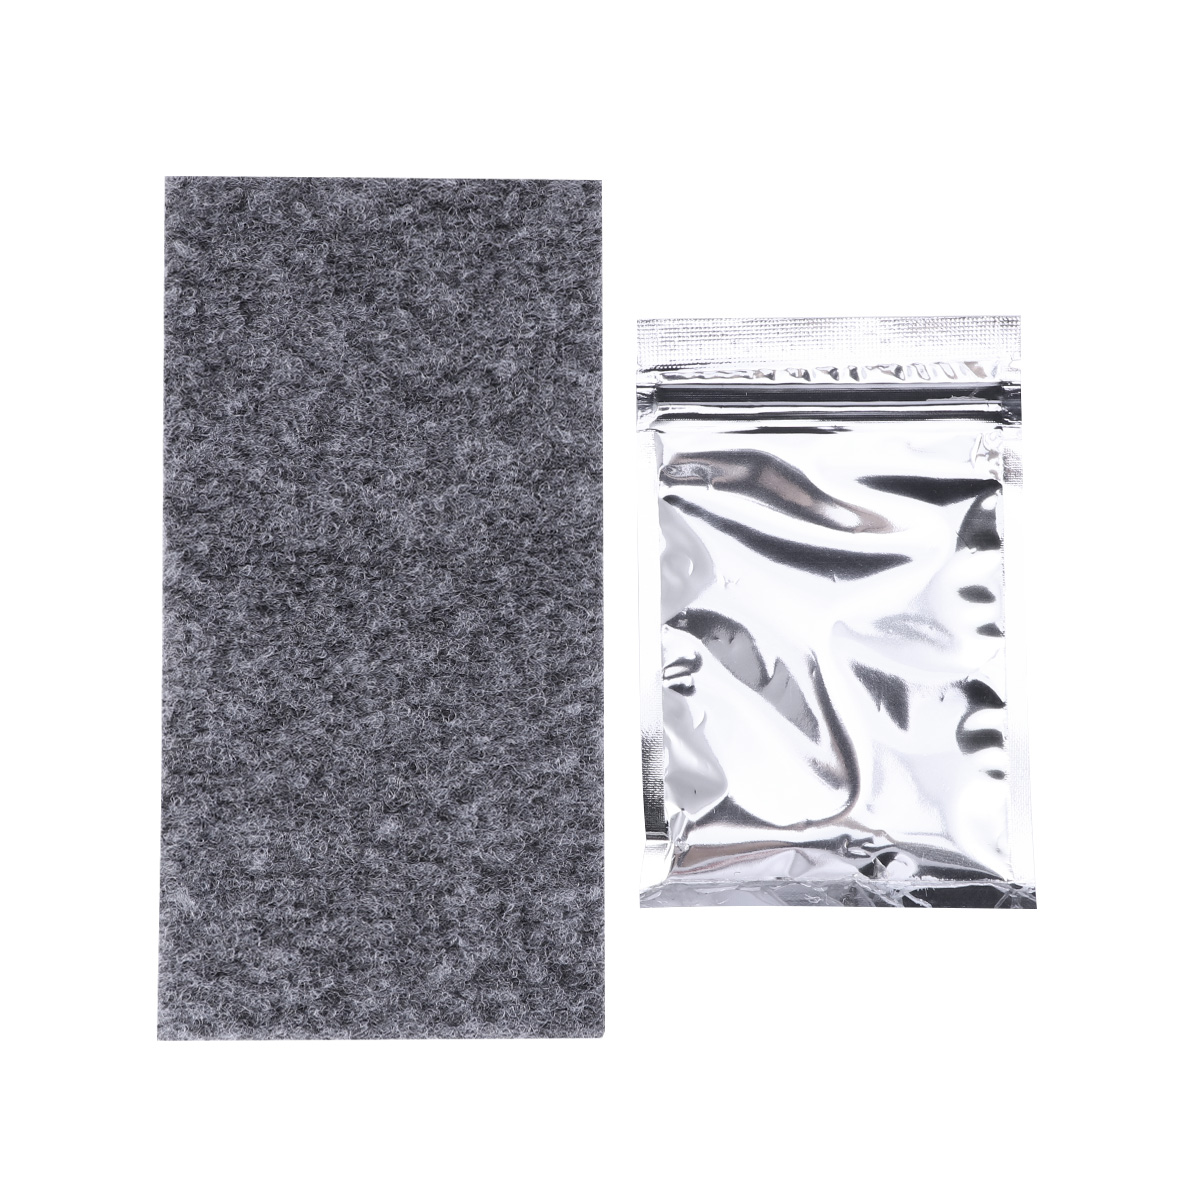 1 Pc Multifunktionale Wiederverwendbare Weiche Durable Praktische Nano Oberfläche Auto Kratzer Tuch Polieren Tuch Reparatur Werkzeug Auto Zubehör A30 100% Original